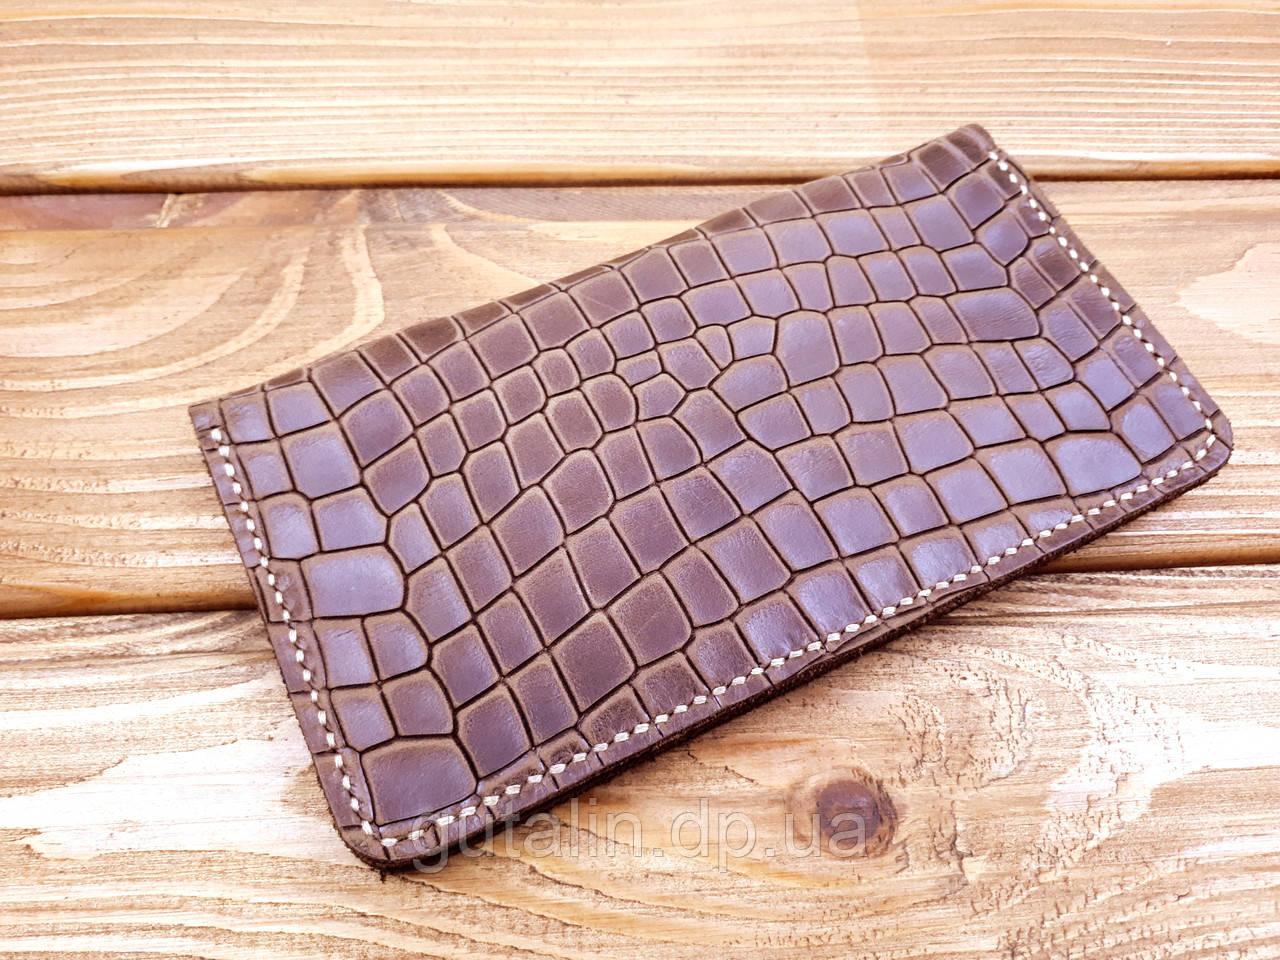 Бумажник ручной работы из натуральной кожи Рептилия цвет коричневый